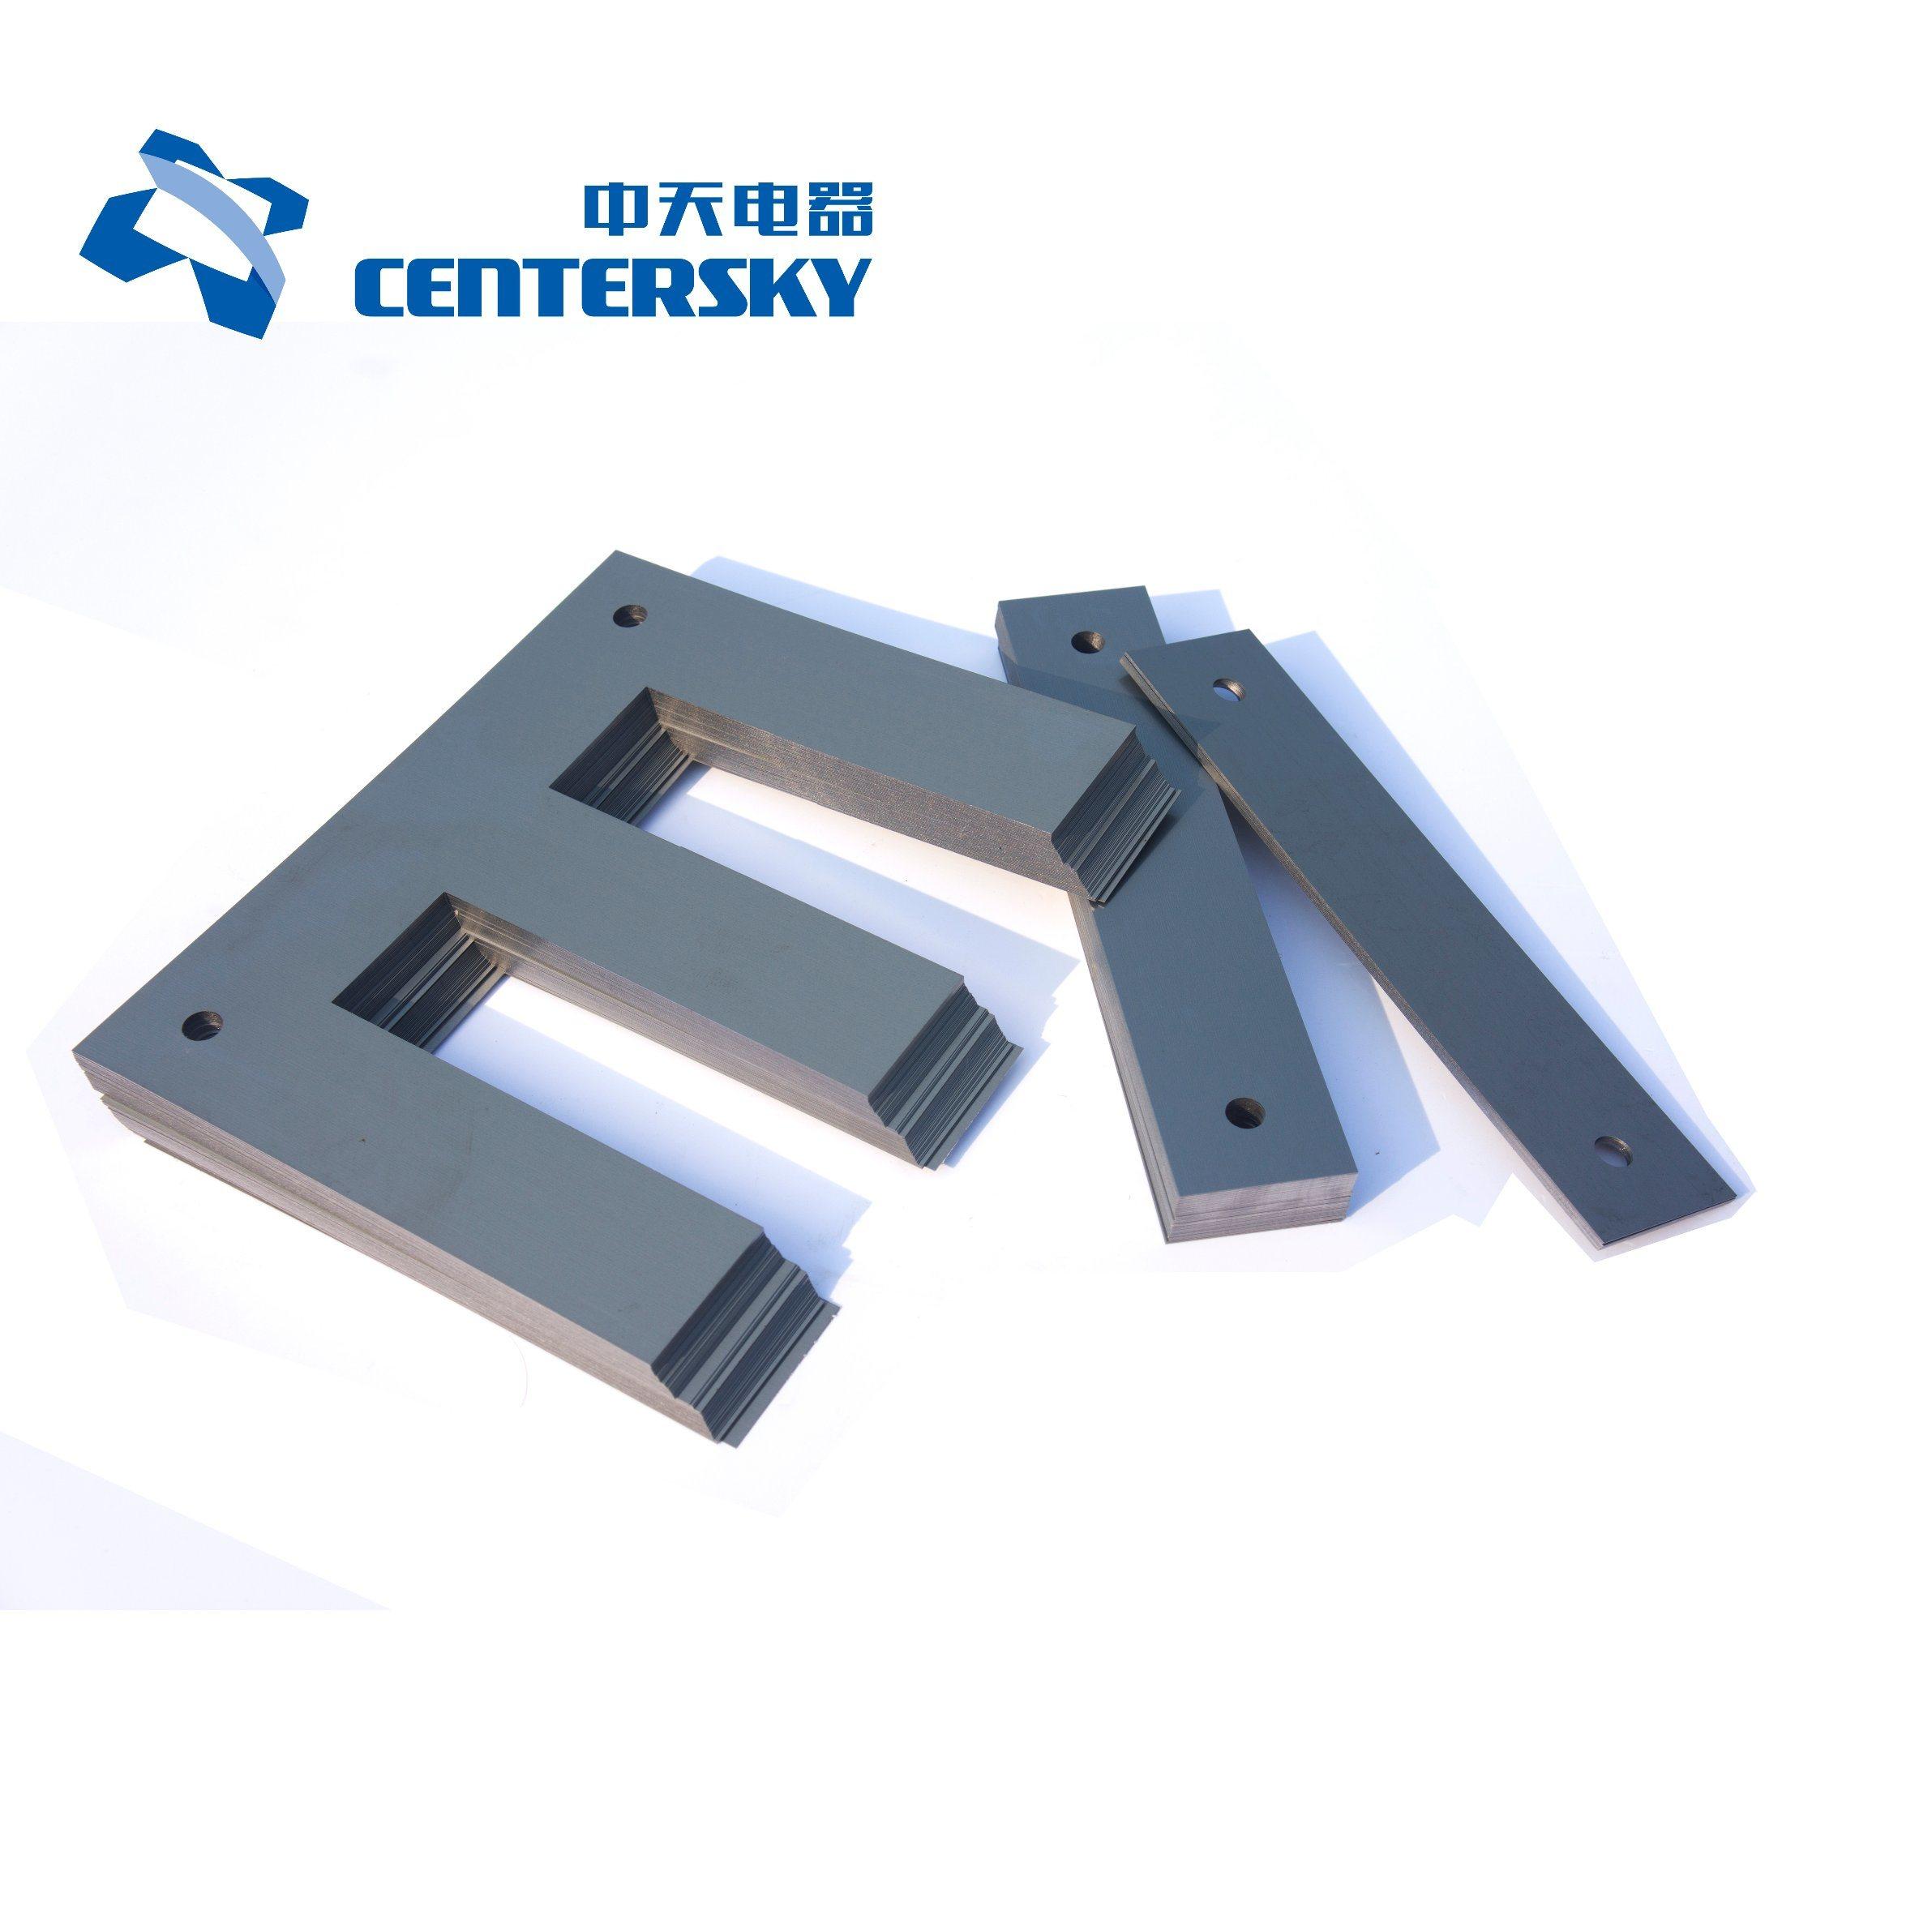 Centersky Ei Series Silicon Steel Stamping Laminaiton